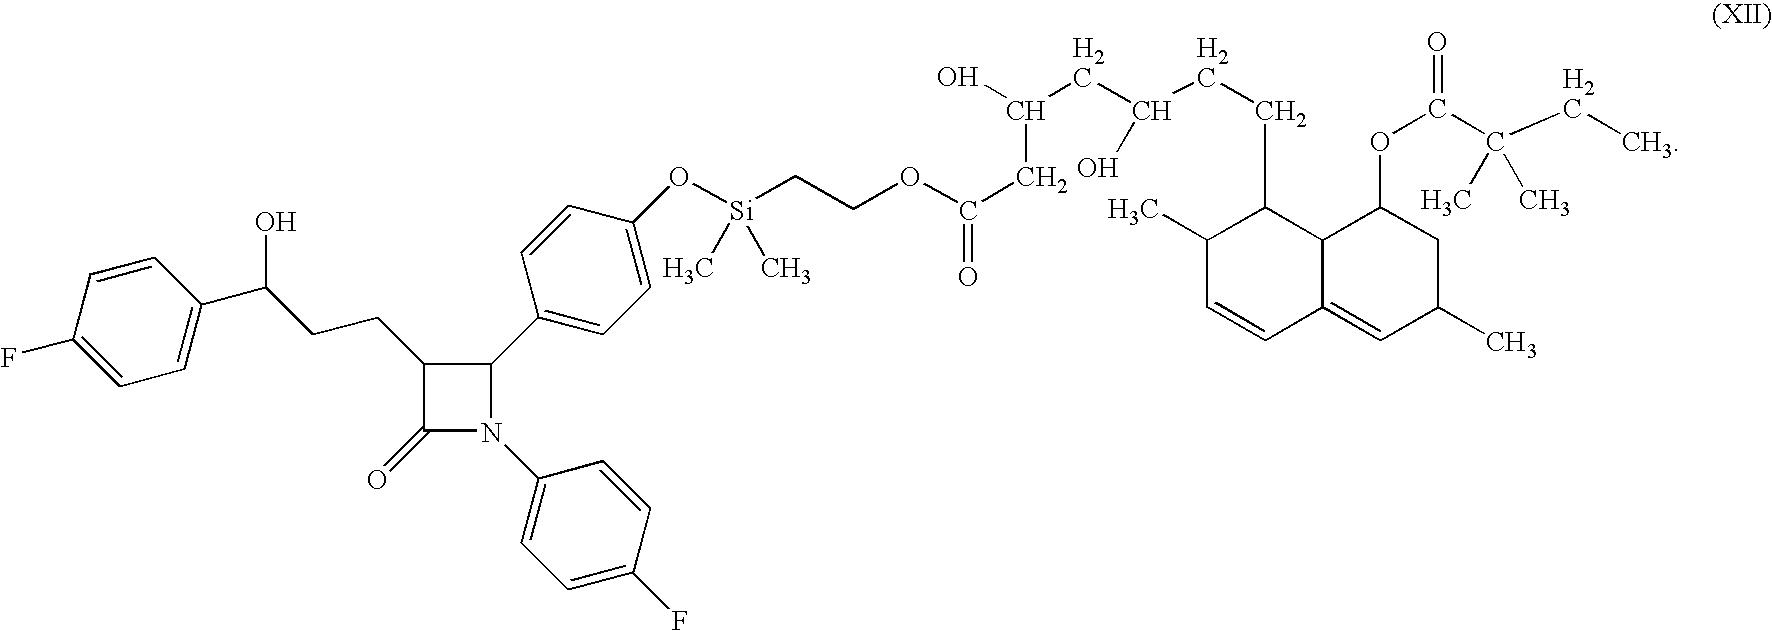 Figure US07741289-20100622-C00025